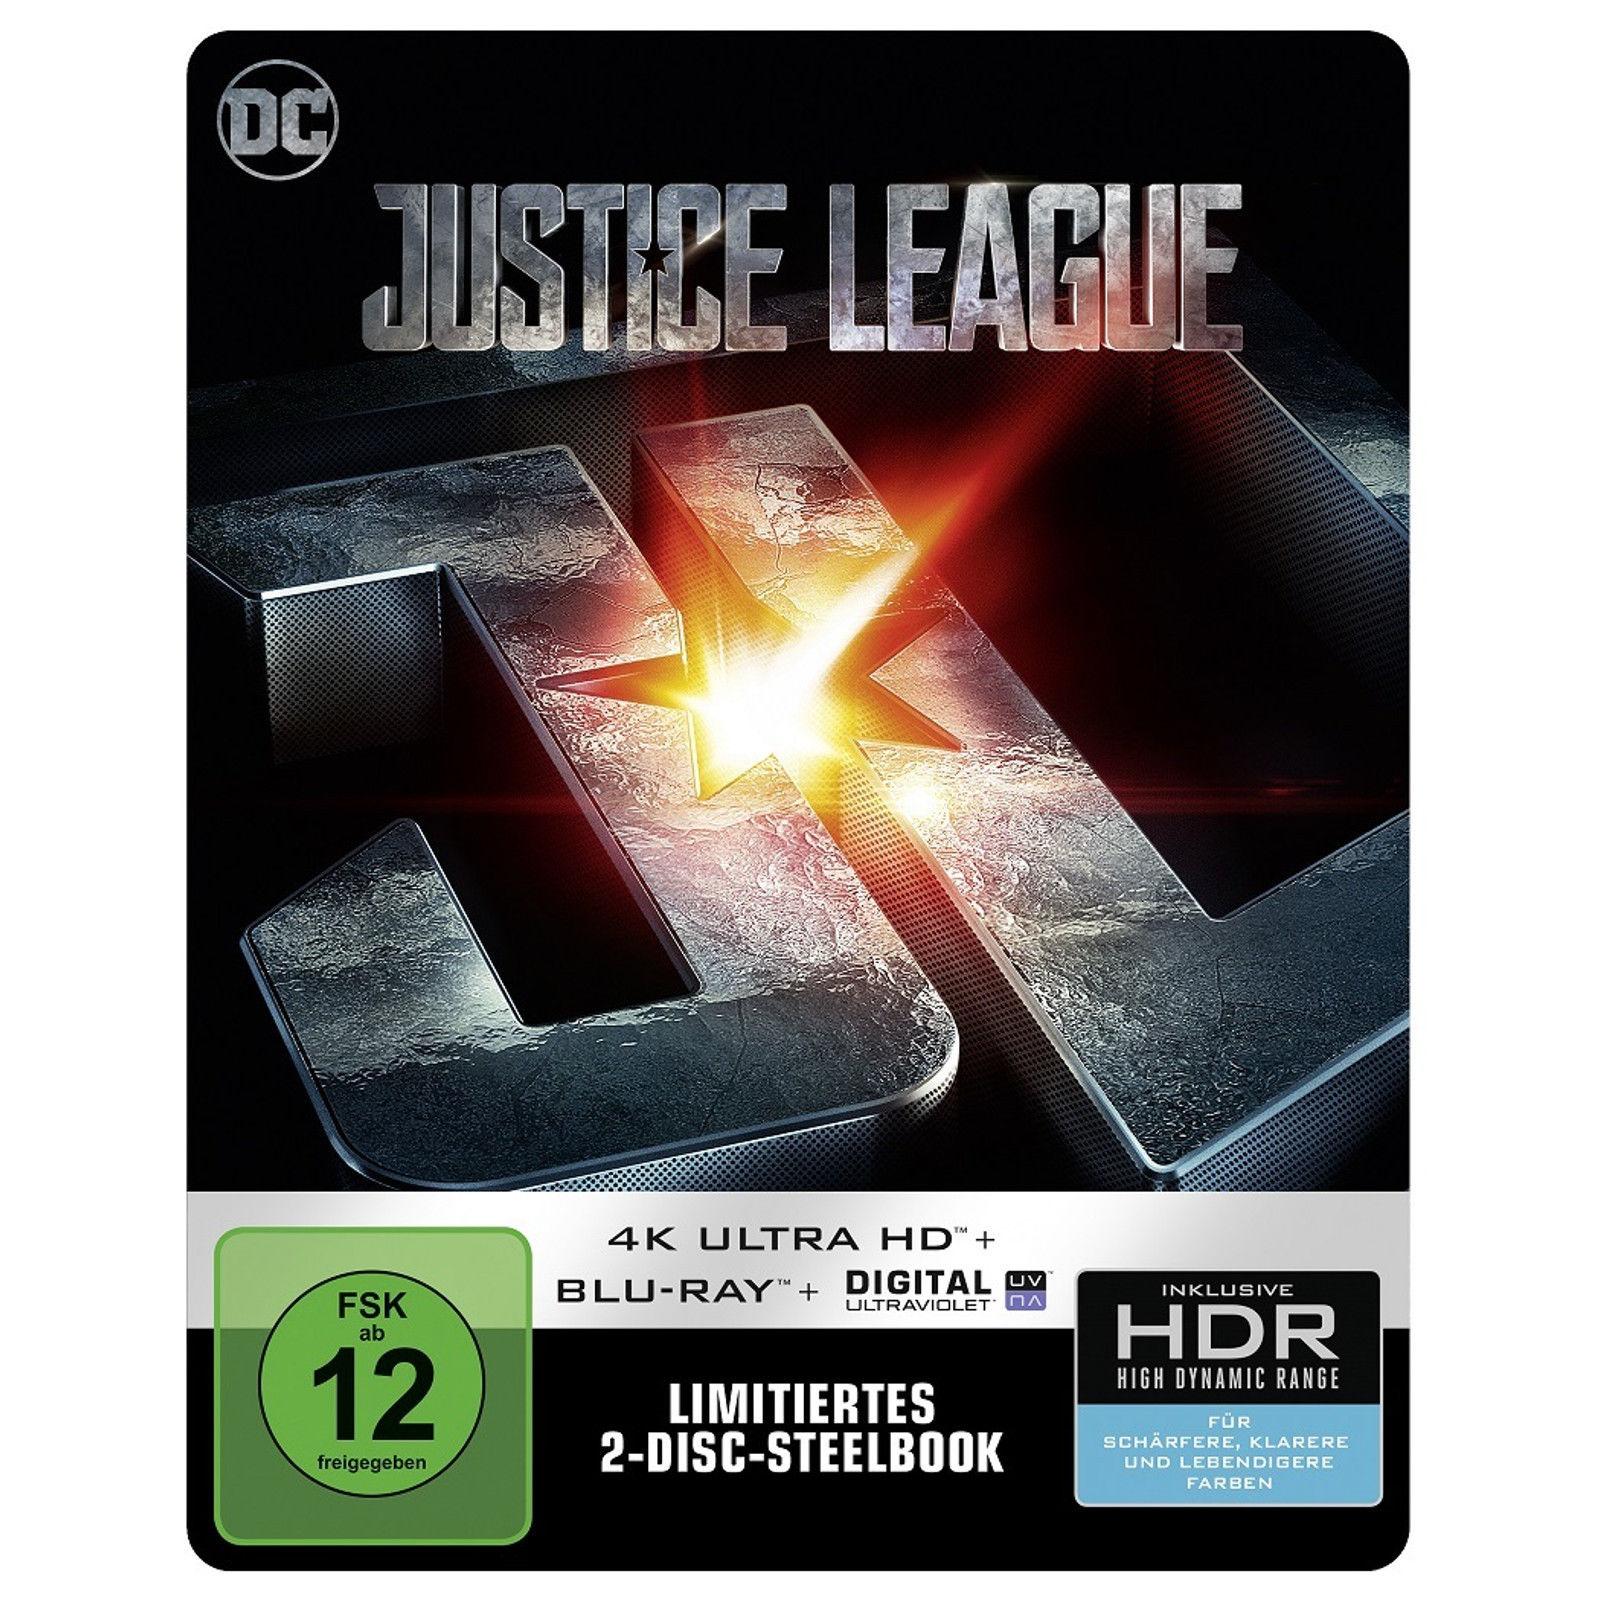 Justice League Limited Steelbook Edition (4K UHD + Blu-ray + Digital HD) für 24,99€ versandkostenfrei (Saturn)